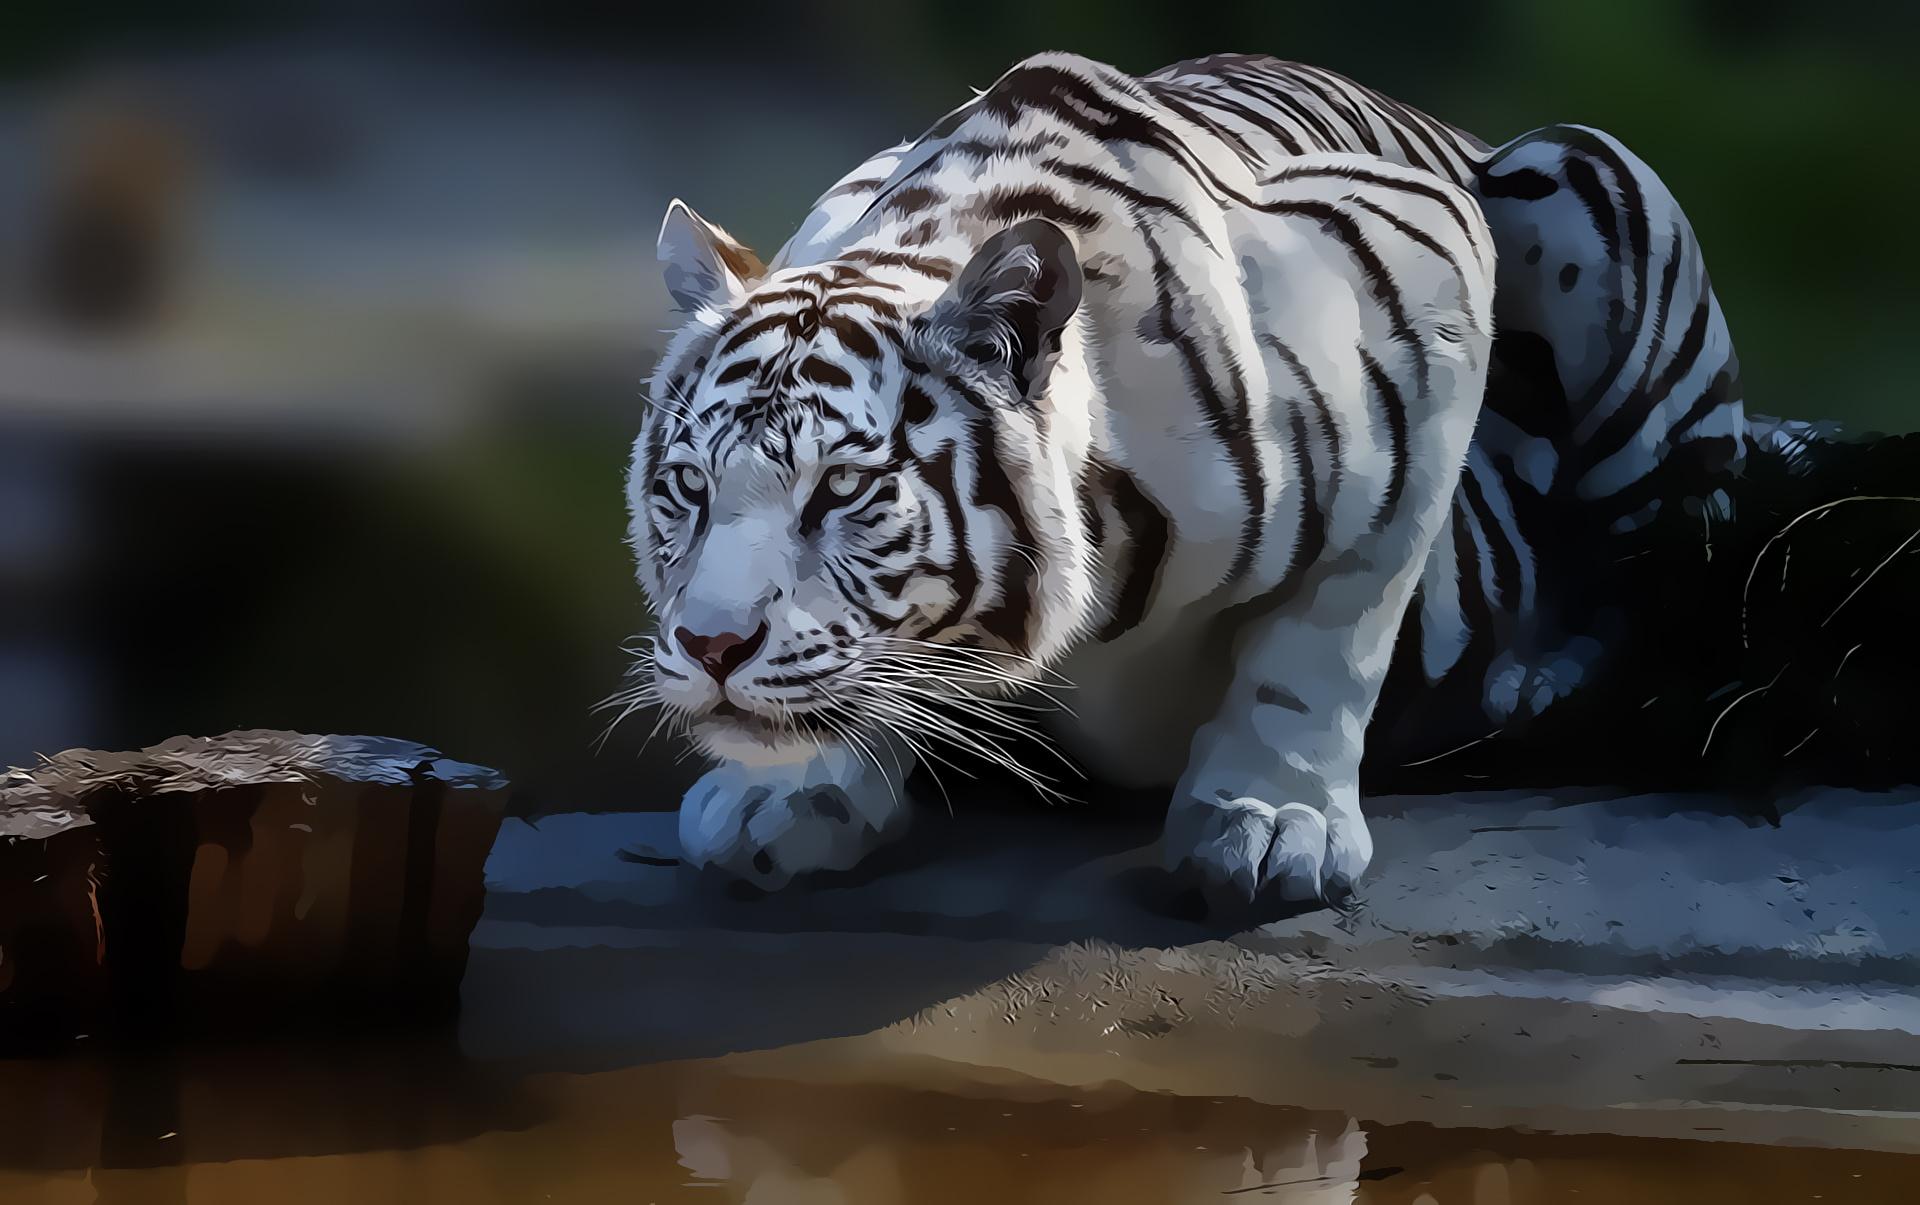 Papel De Parede 1920x1205 Px Veja Natureza Predador Tigre